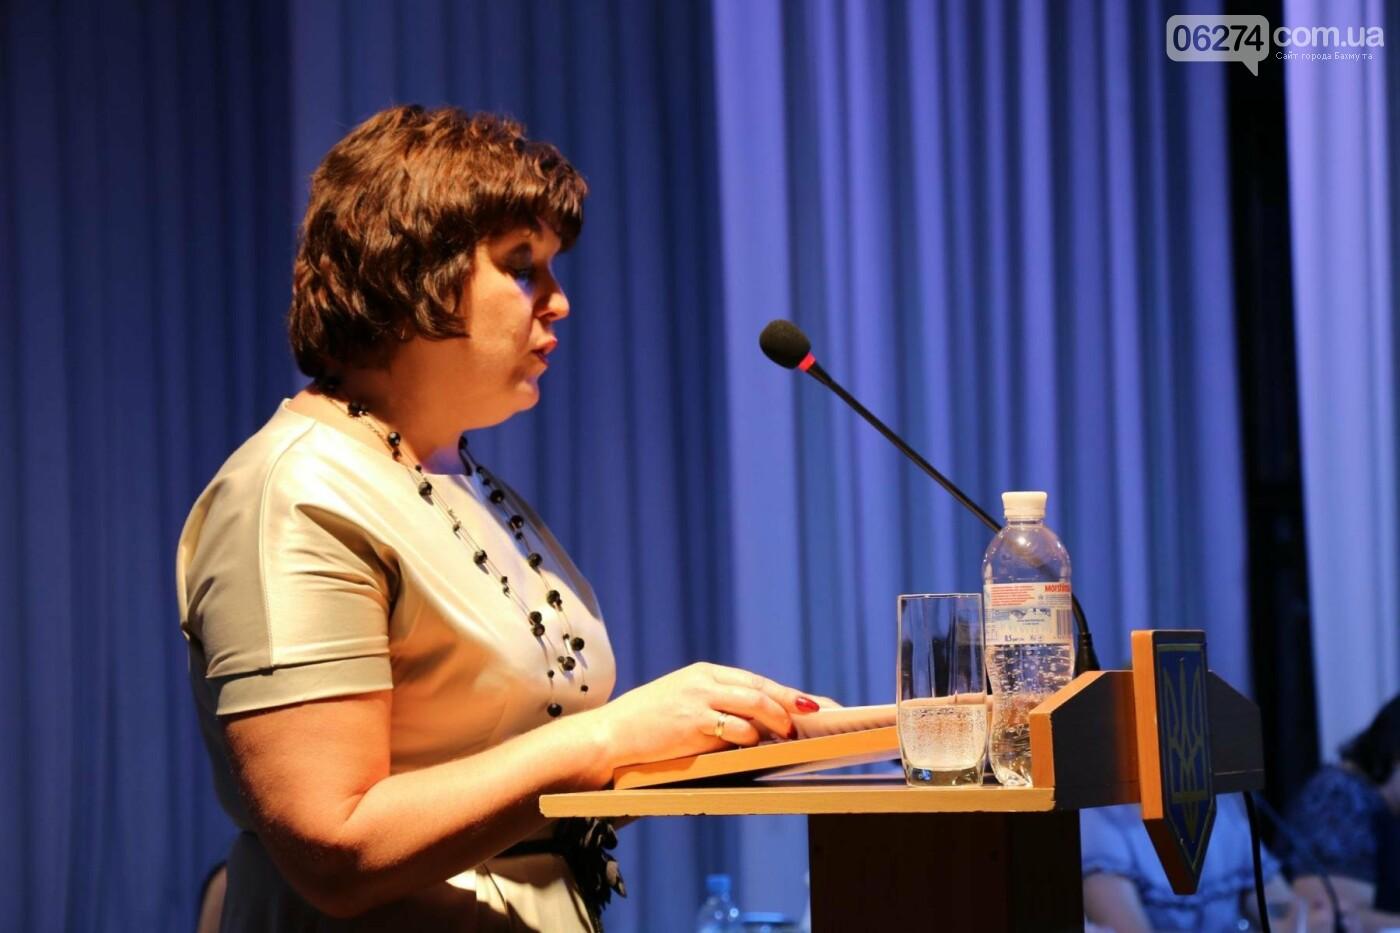 В Бахмуте состоялась августовская педагогическая конференция «Нова українська школа: освіта для життя», фото-22